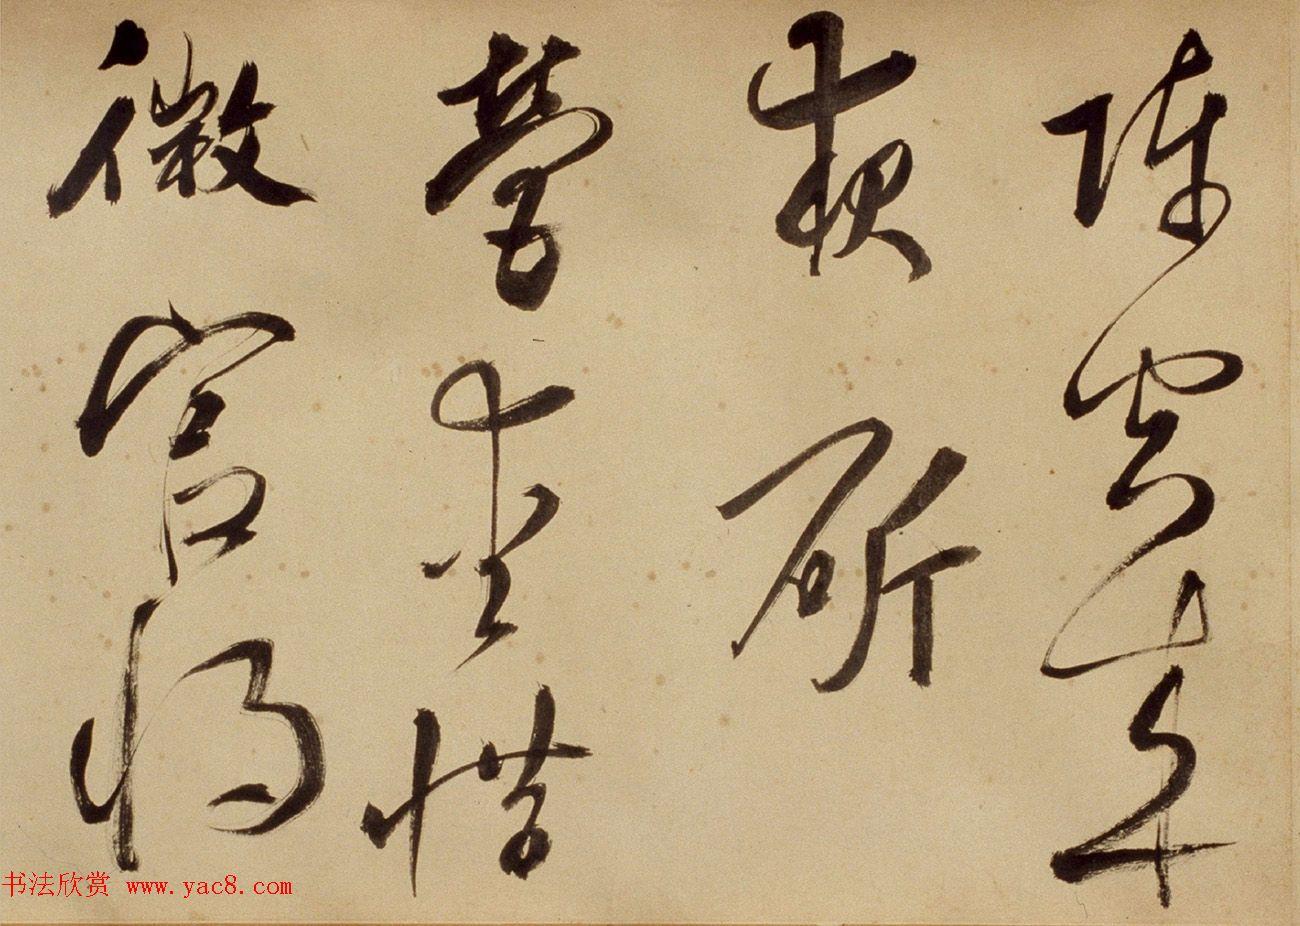 张照行草书法《苏东坡诗卷》